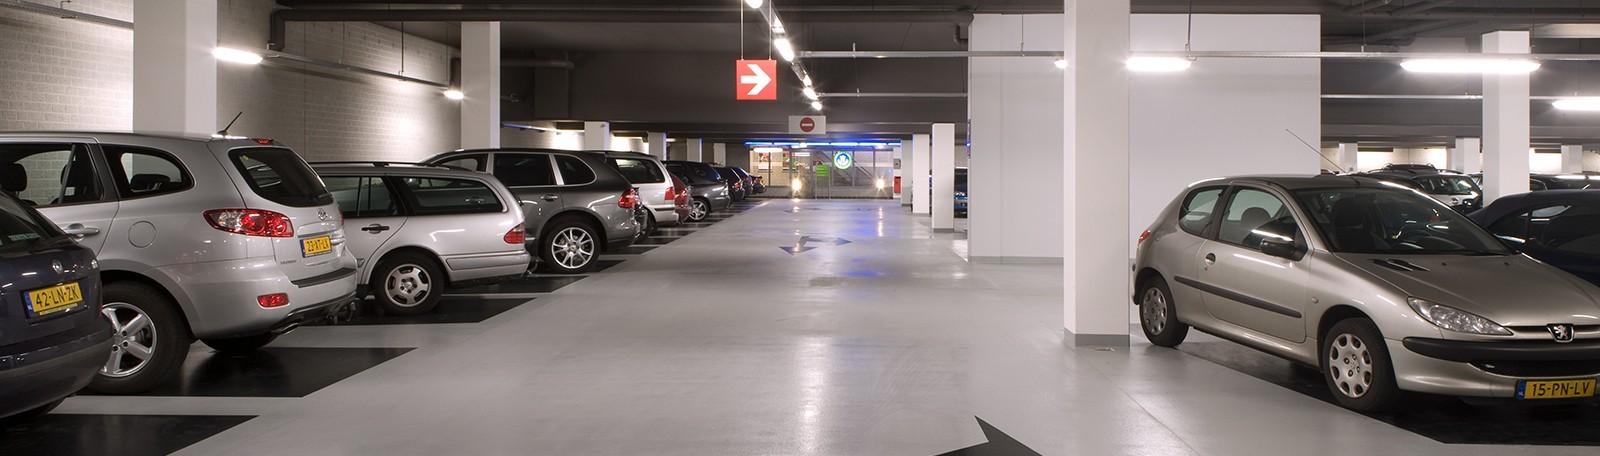 Parking Bois de Boulogne - Parkeren in Boulogne Billancourt | Q-Park